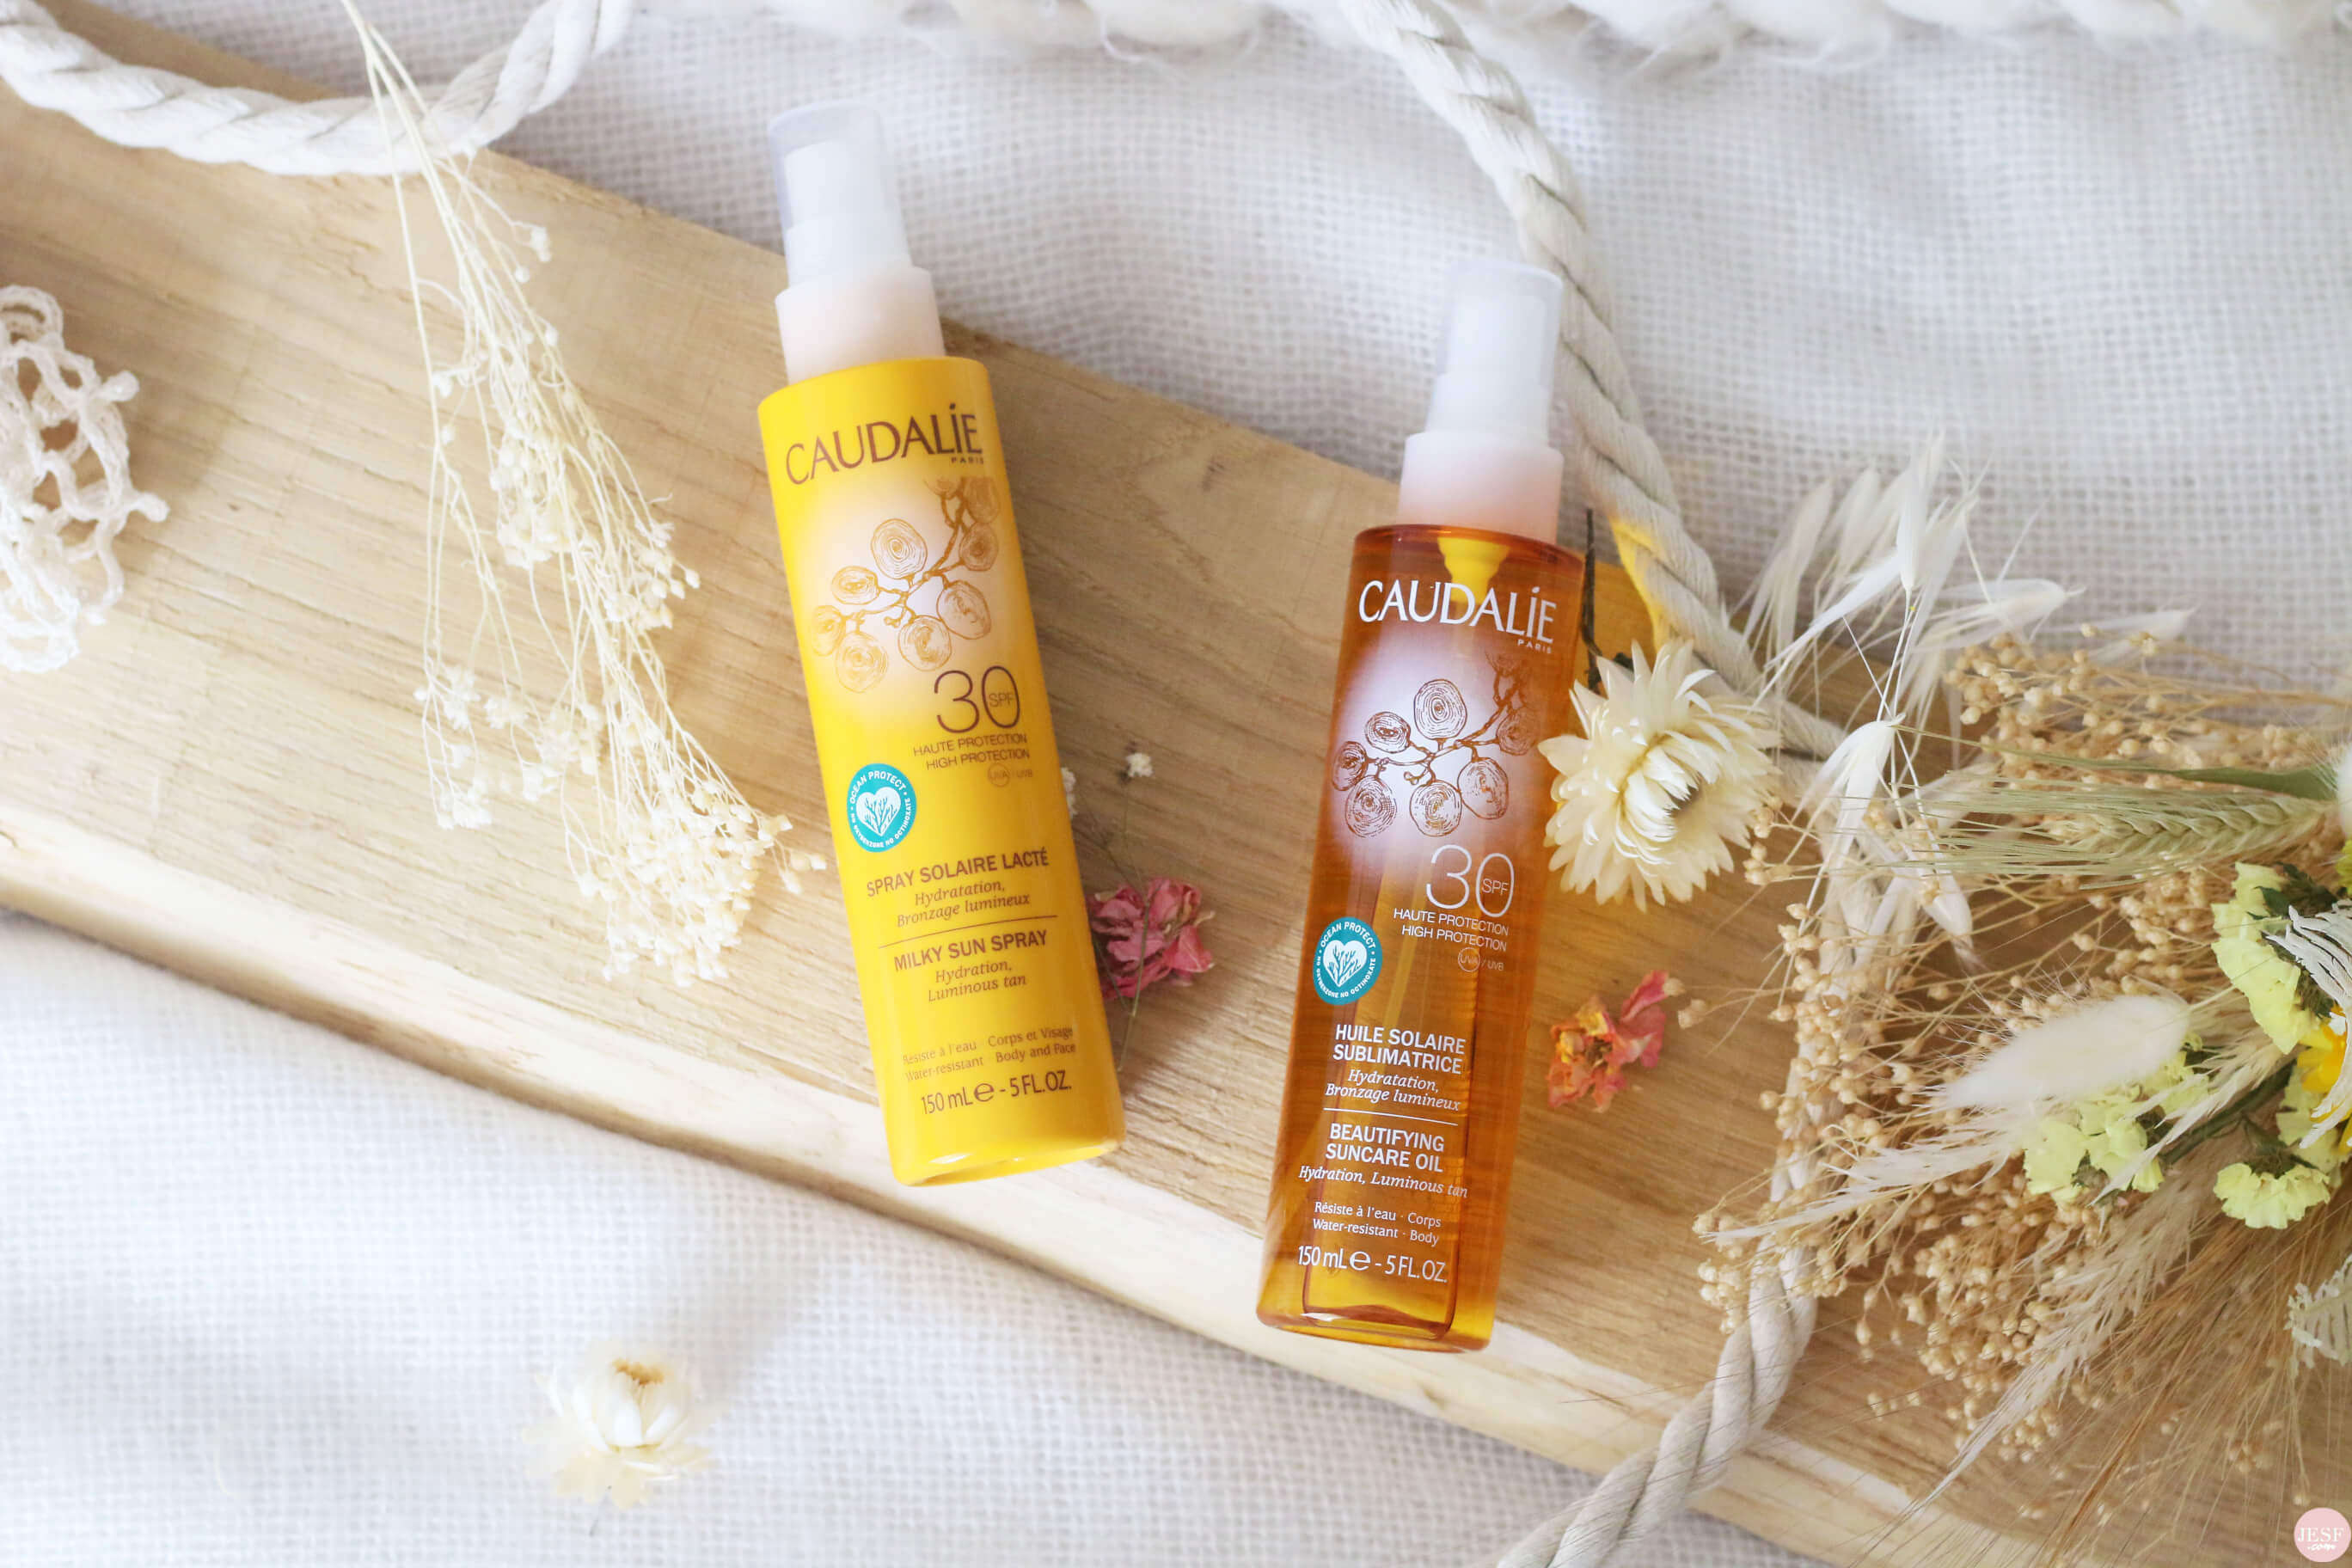 gamme-solaire-caudalie-spray-lait-crème-SPF-30-50-proteger-peau-soleil-naturel-veillesse-environnement